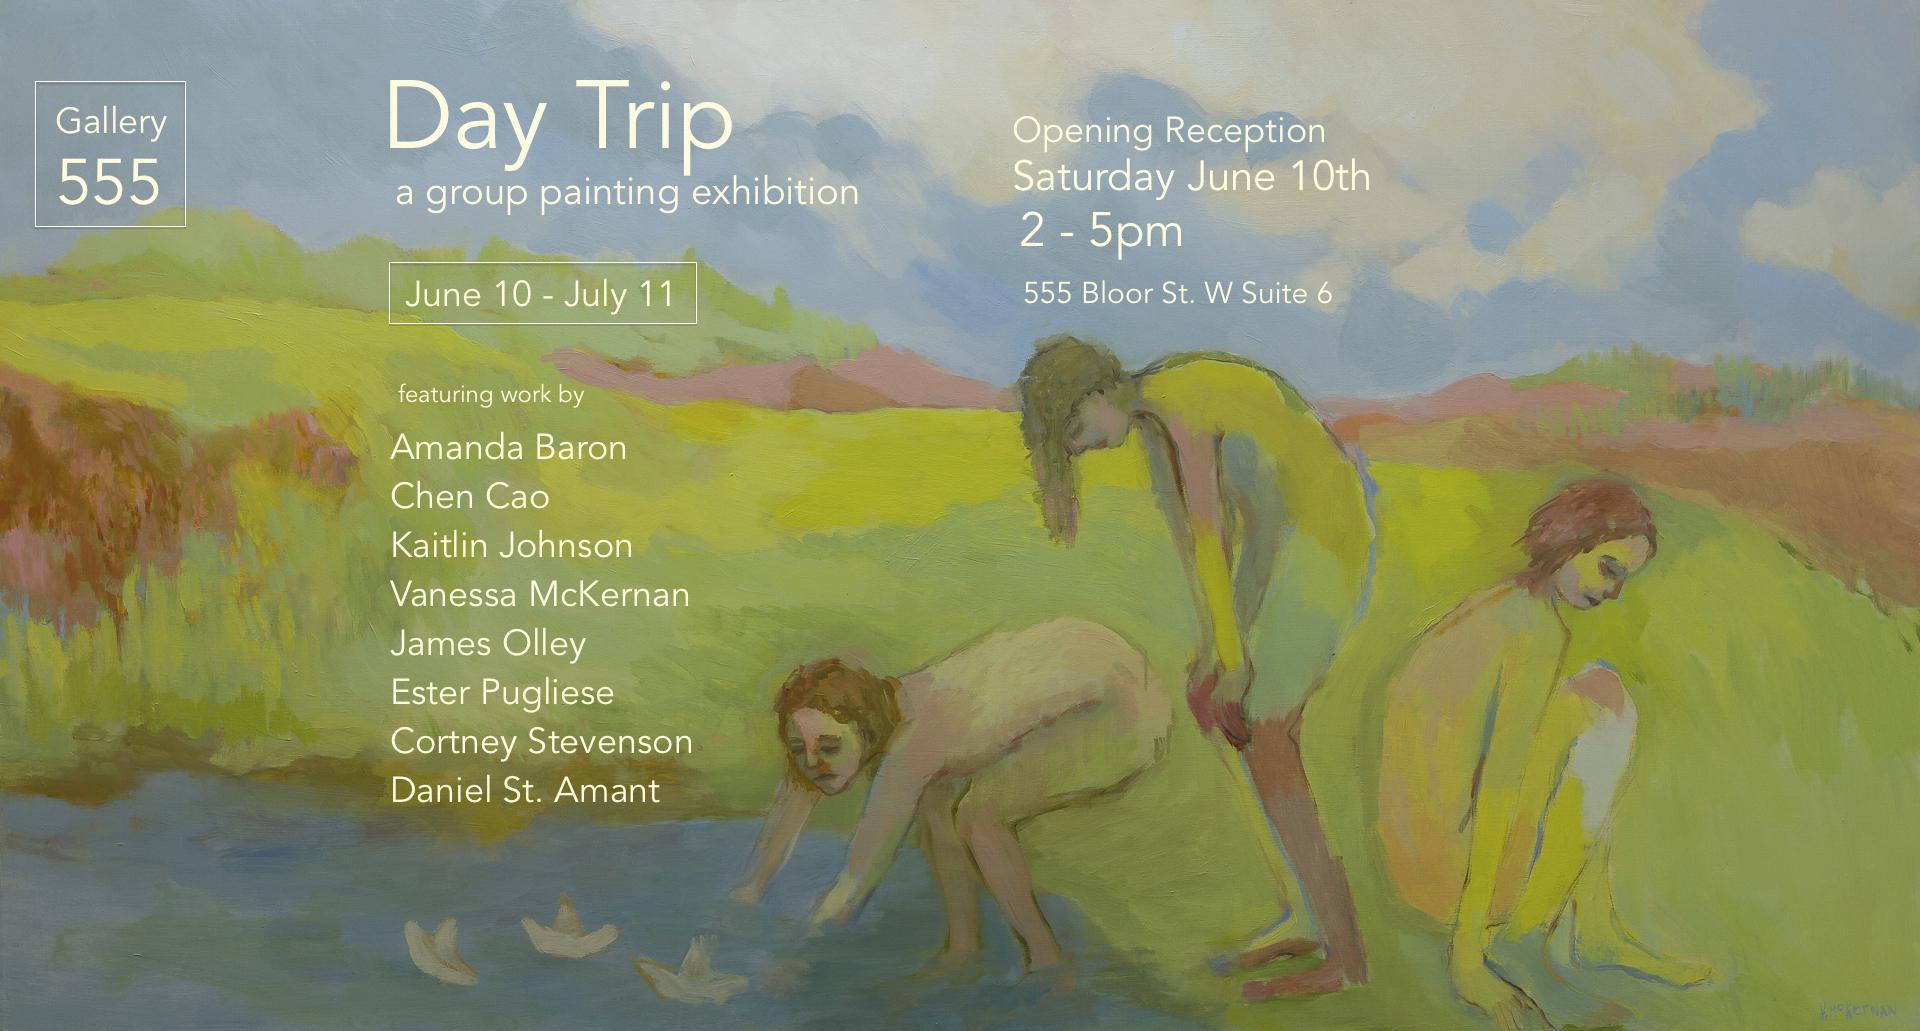 Day_Trip_invite